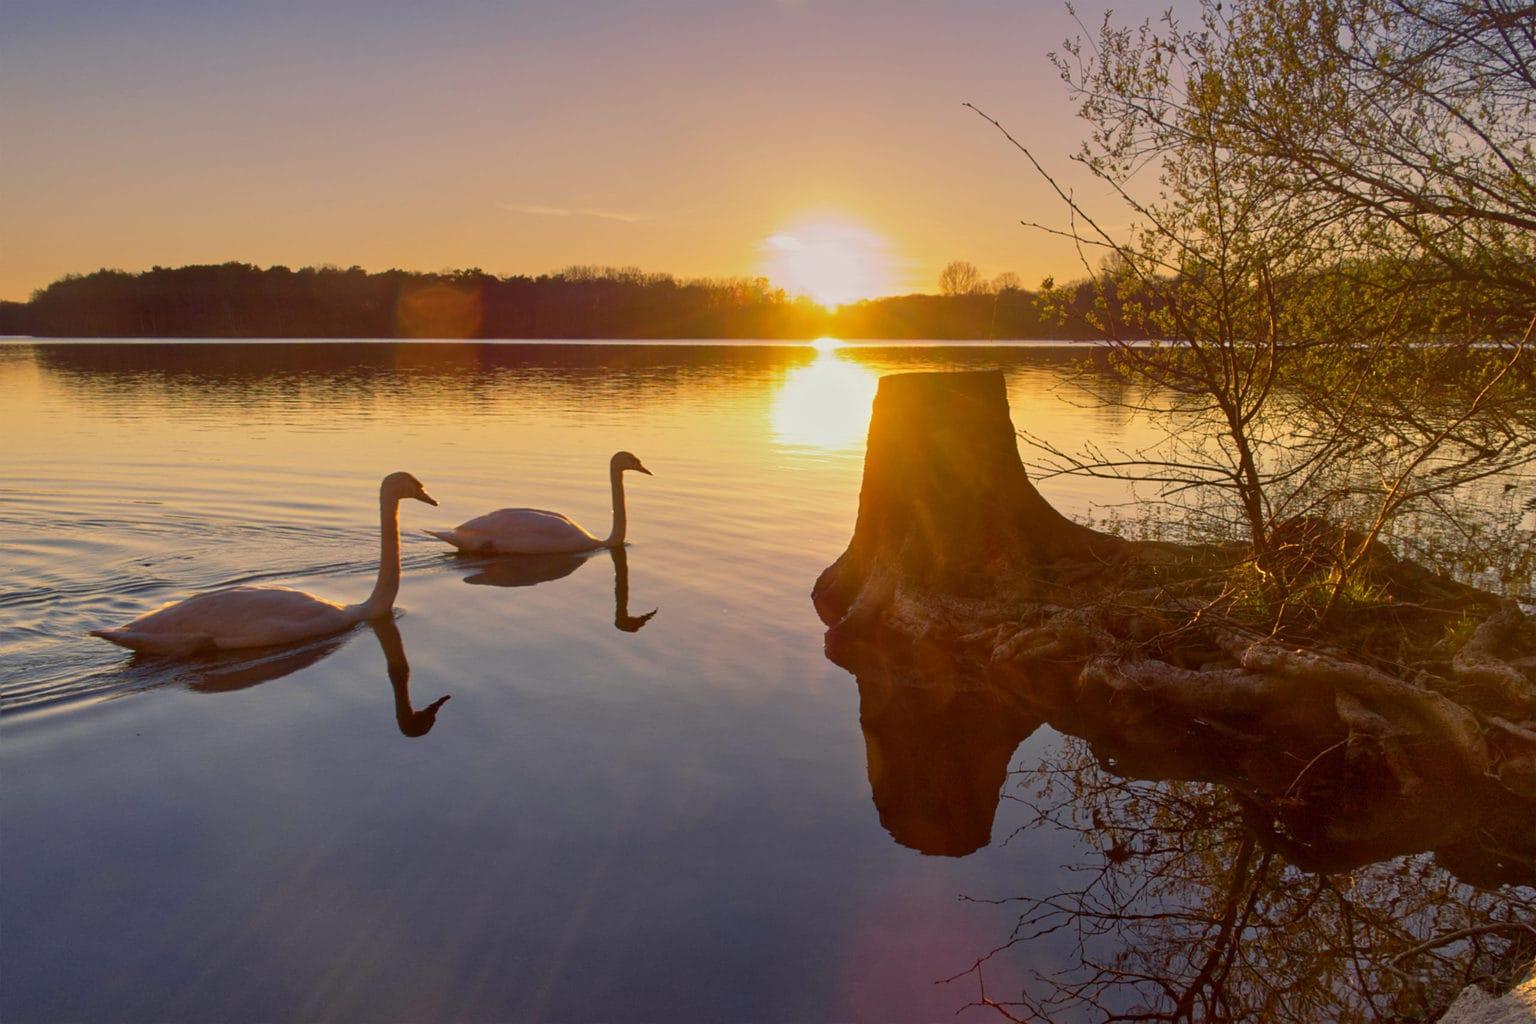 Twee zwanen op de Sechs-Seen-Platte in Duisburg tijdens de zonsondergang